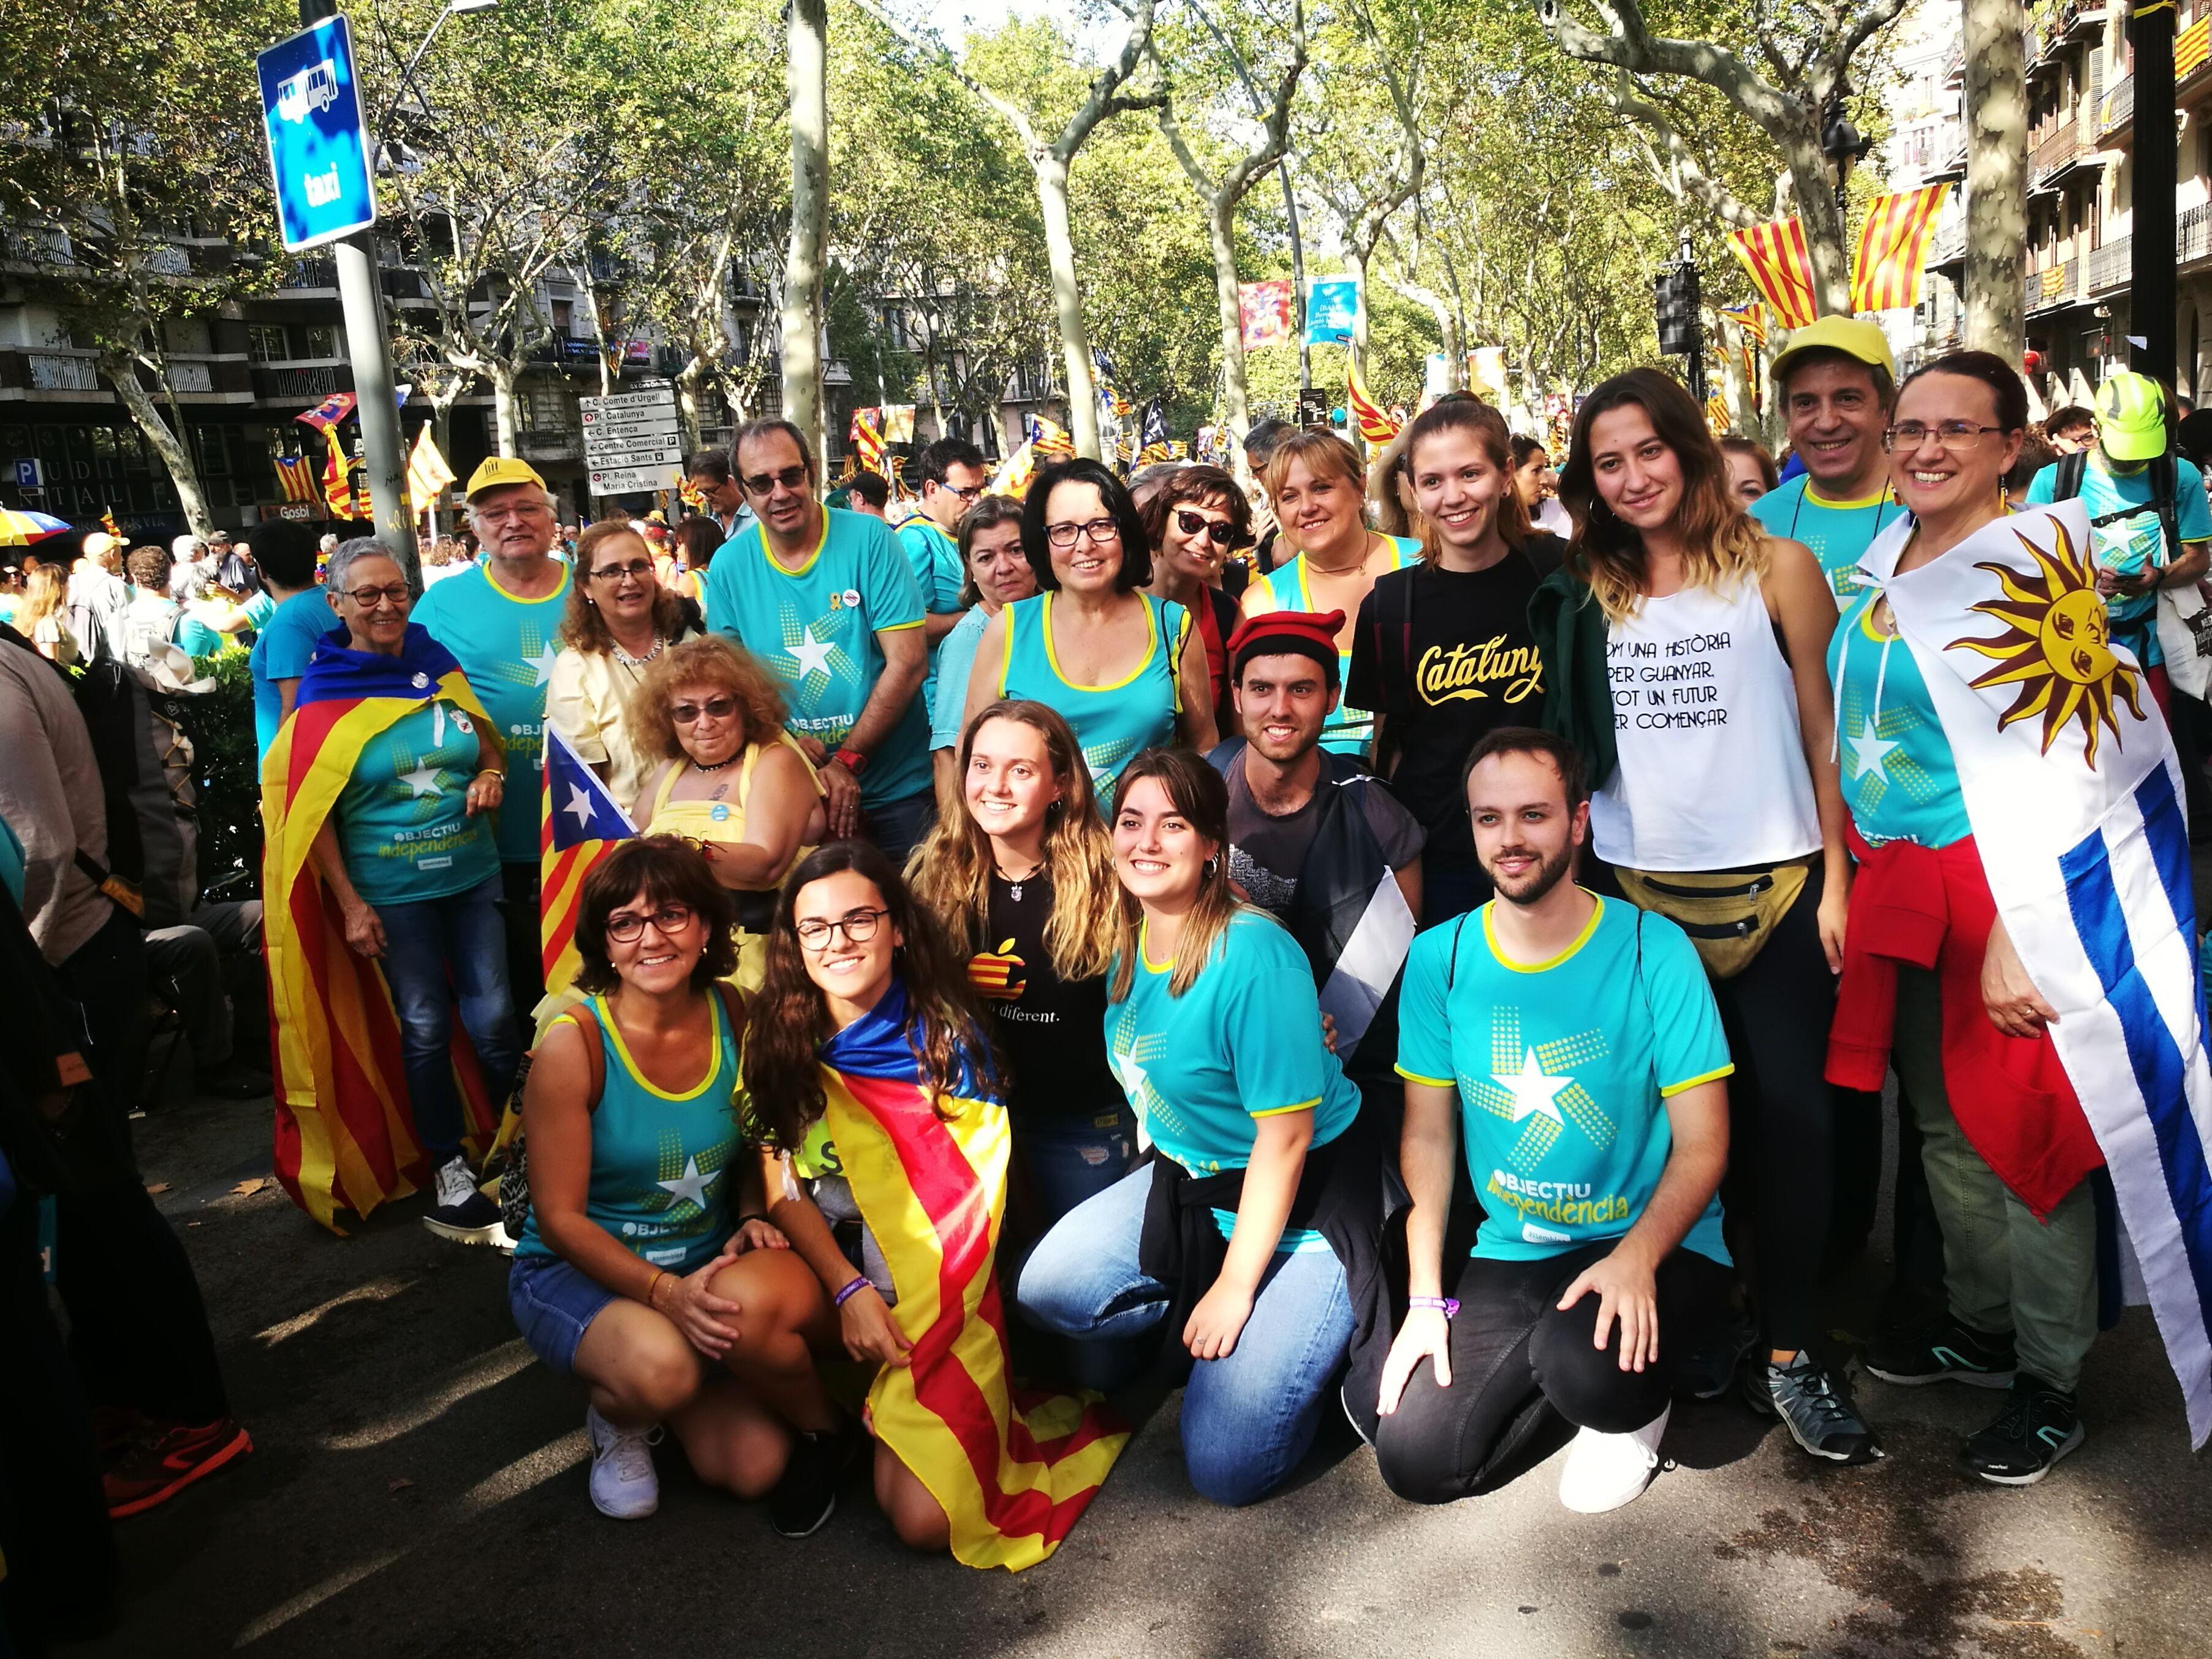 Rubinencs i rubinenques a la manifestació de Barcelona